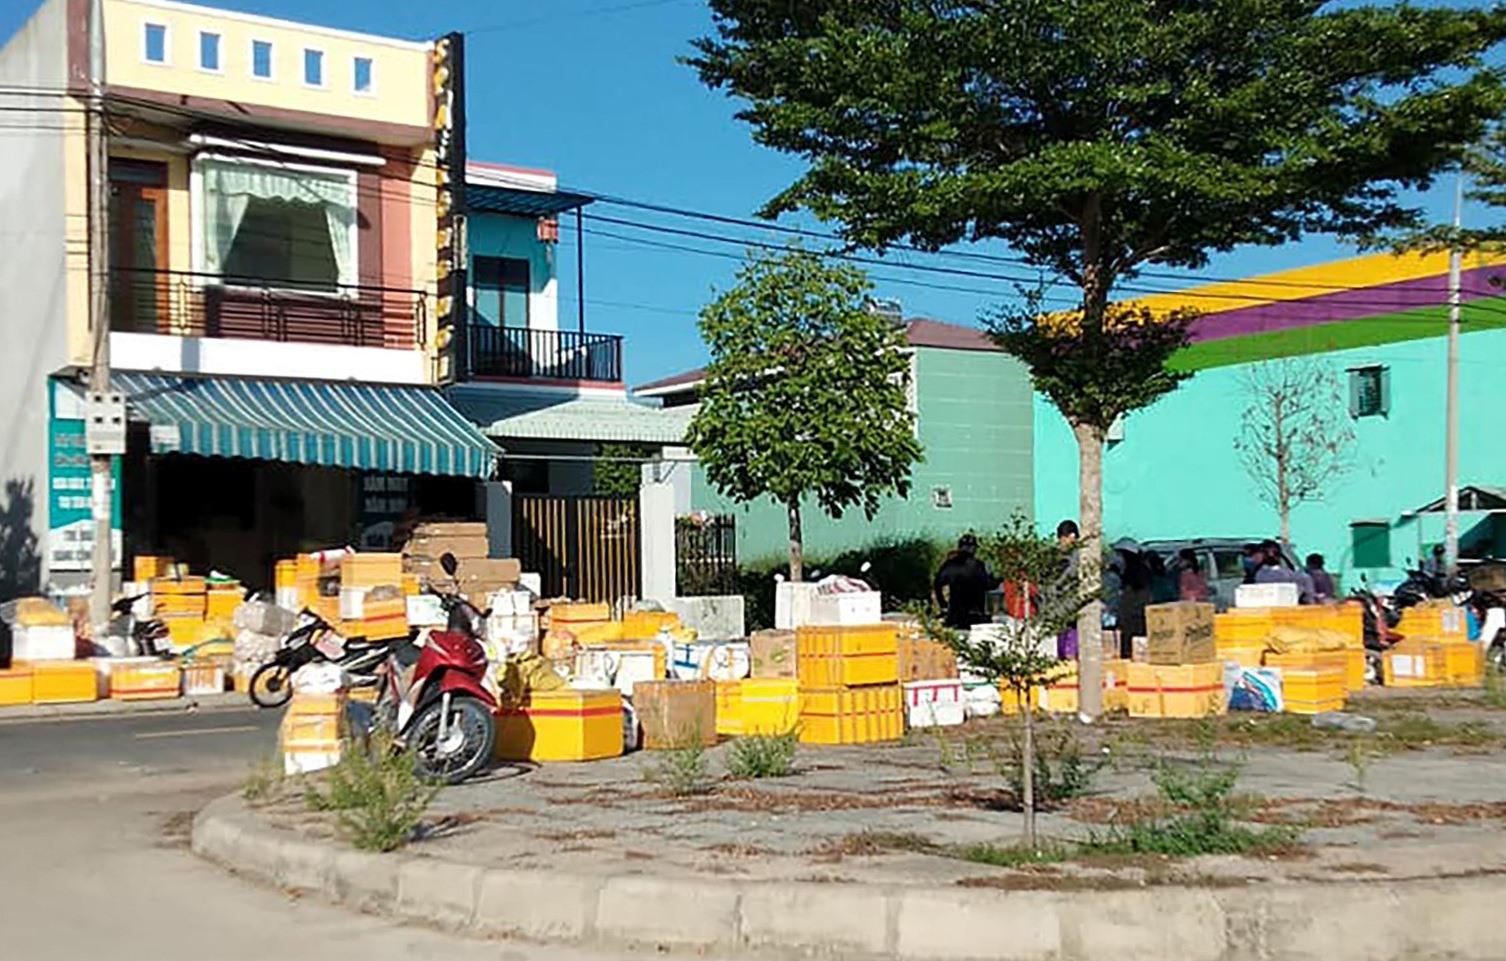 Hàng hóa người dân gửi vào cho người thân đang sinh sống, làm việc tại TP.Hồ Chí Minh chủ yếu là gạo, rau củ quả và nhu yếu phẩm. Ảnh: L.K